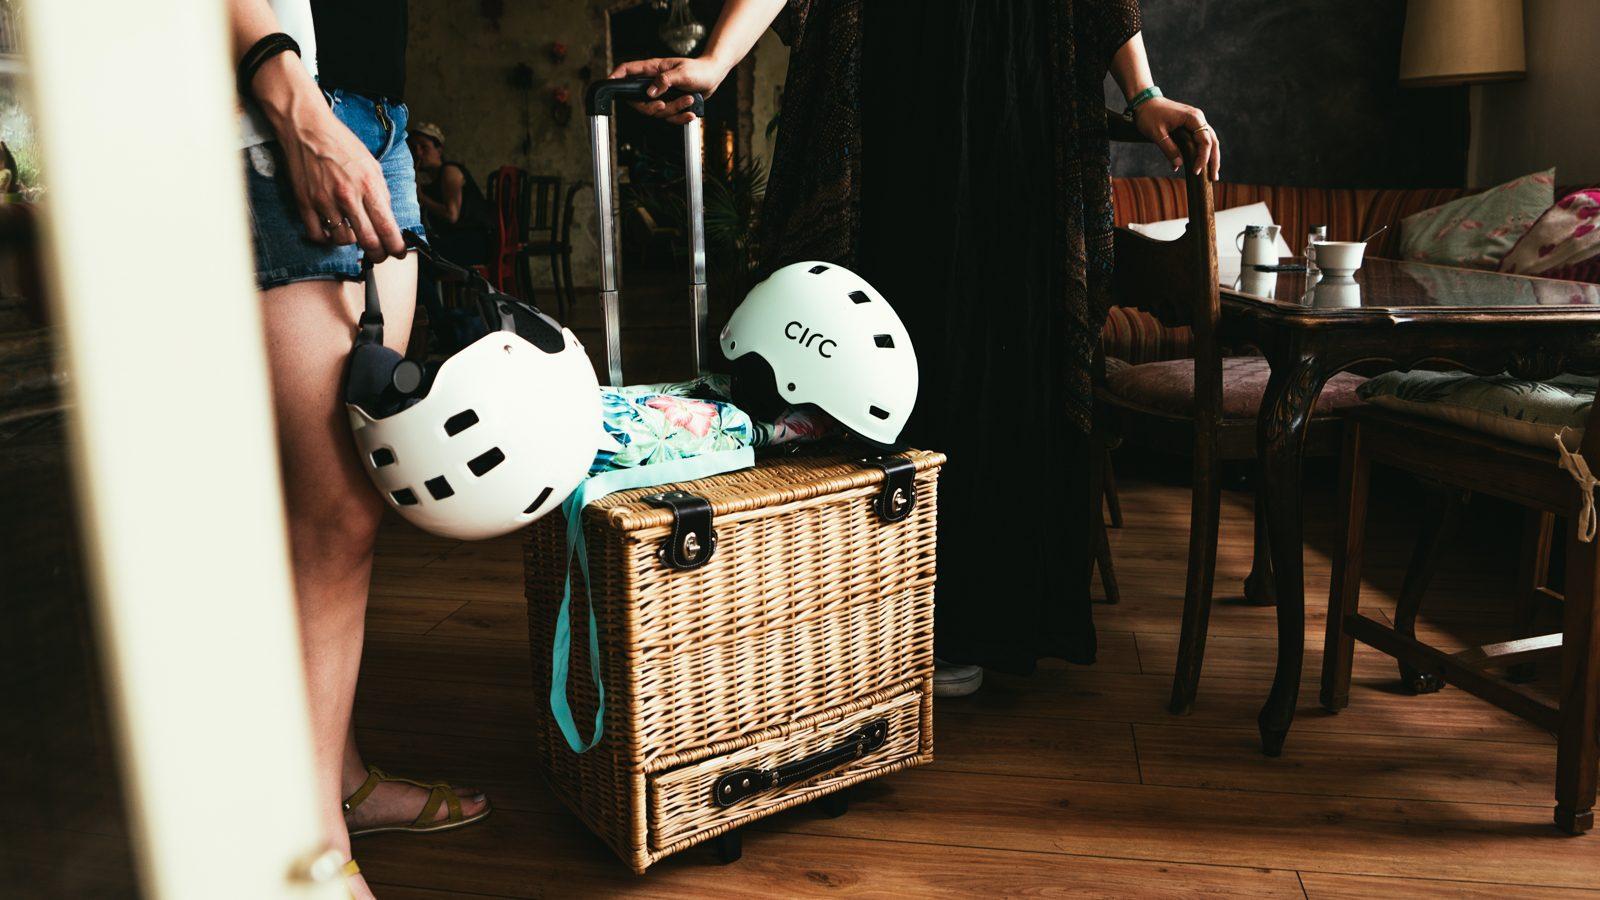 Picknickkorb mit Fahrradhelmen und Decke drauf